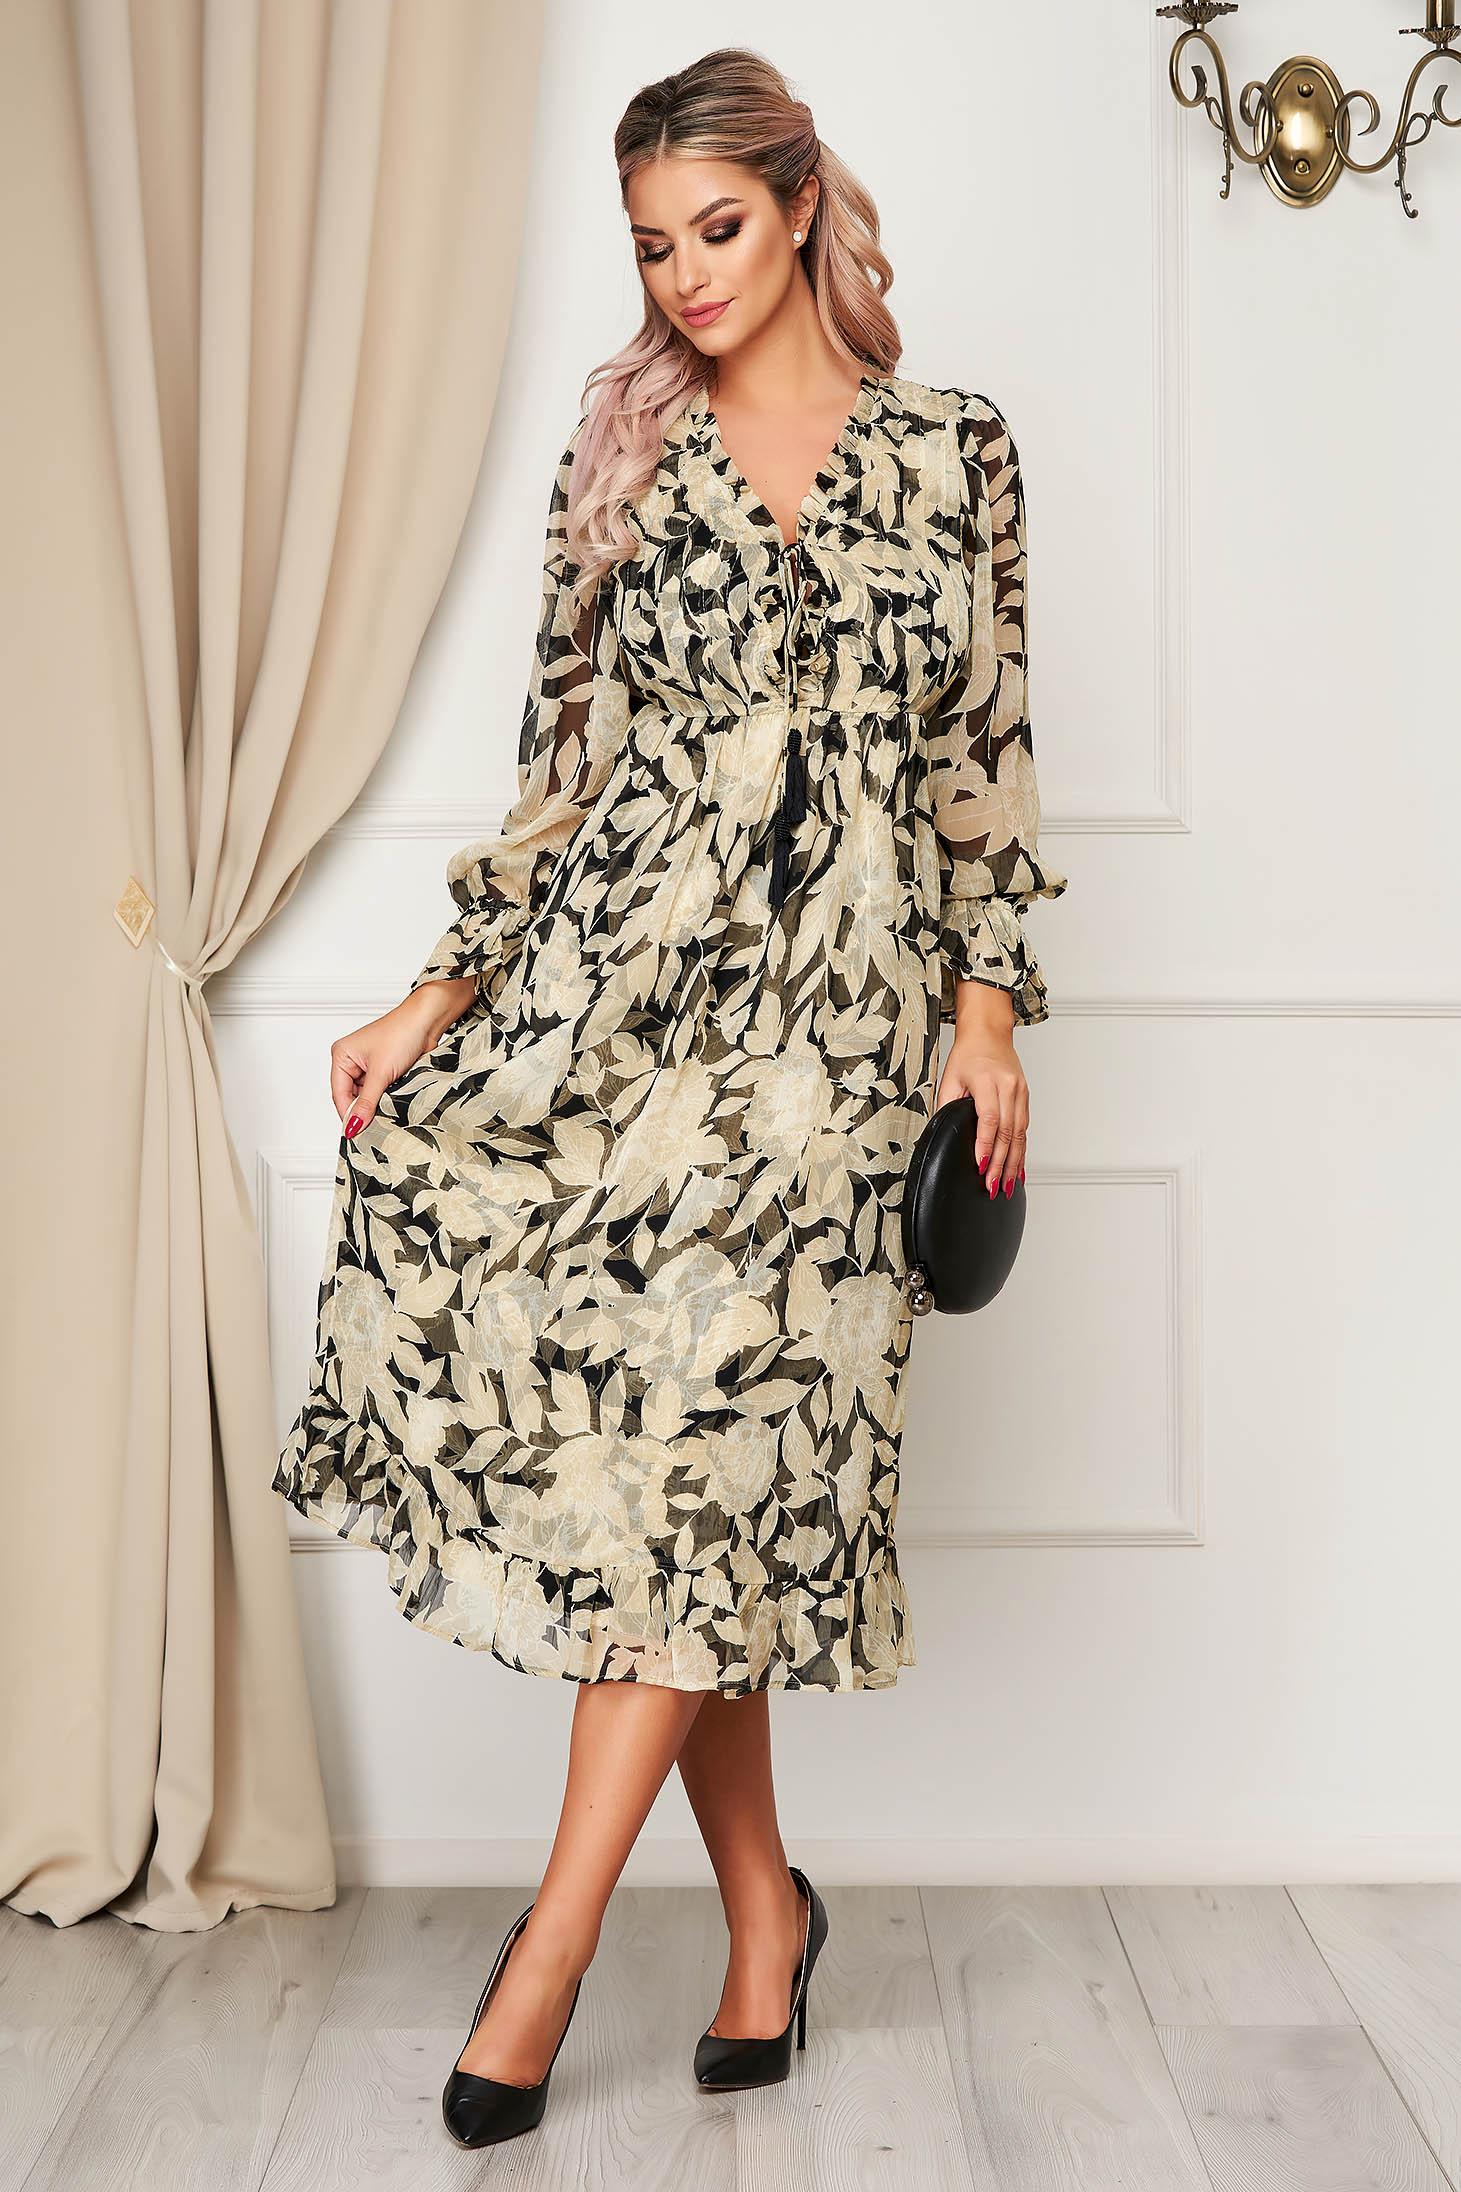 Krémszínű elegáns deréktól bővülő szabású ruha v-dekoltázzsal virágmintás díszítéssel muszlinból